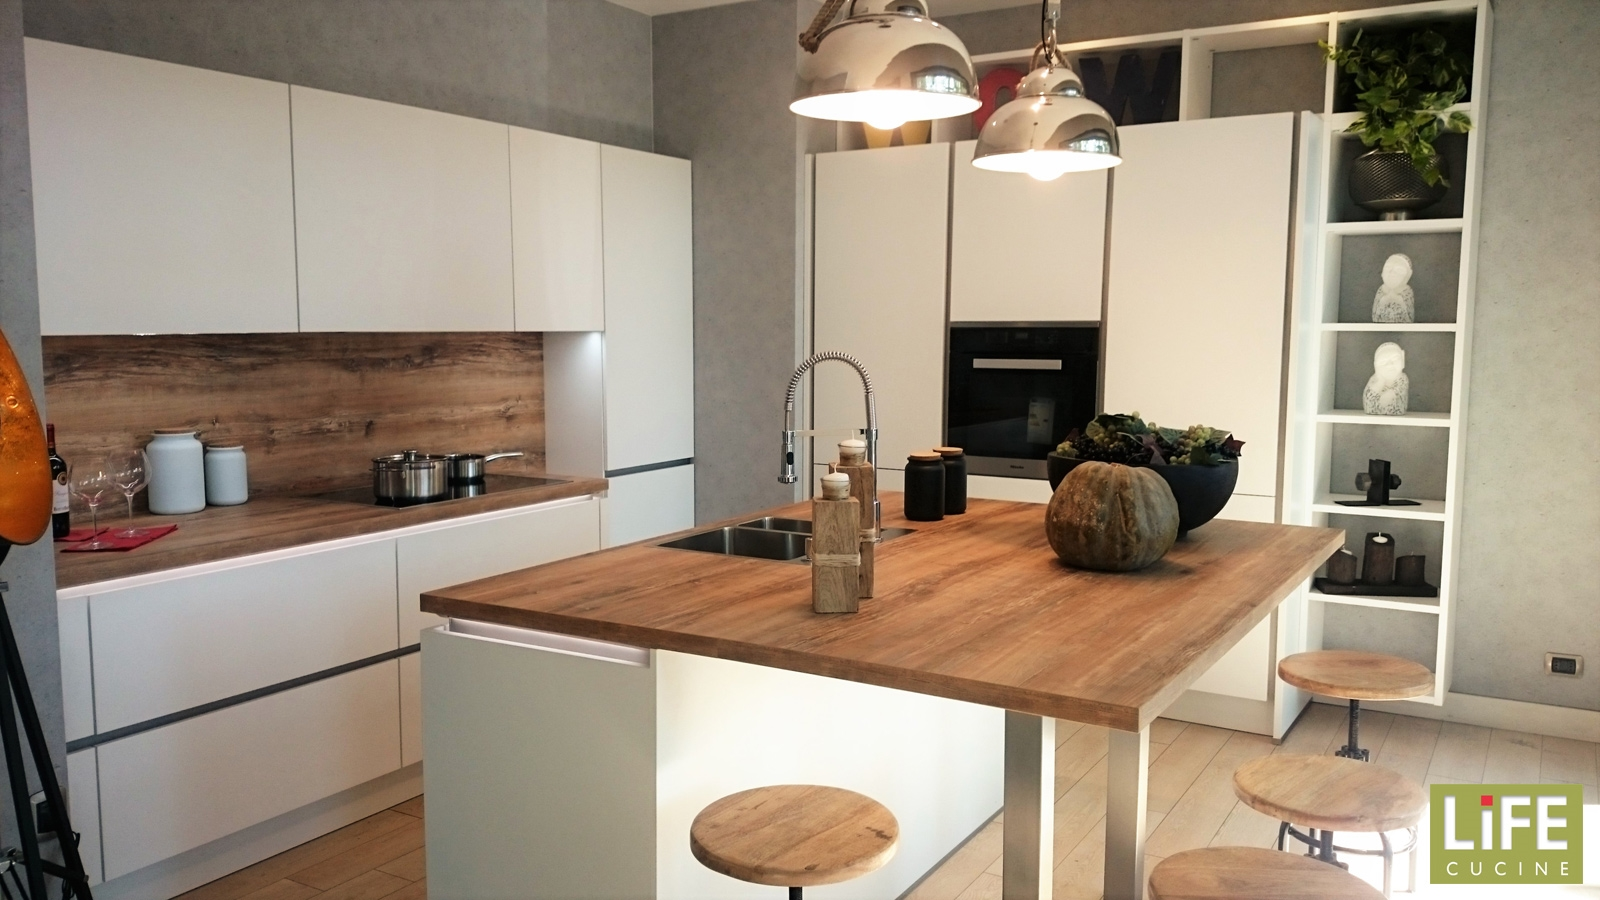 Cucina moderna life con gola e isola centrale - Isola centrale per cucina ...